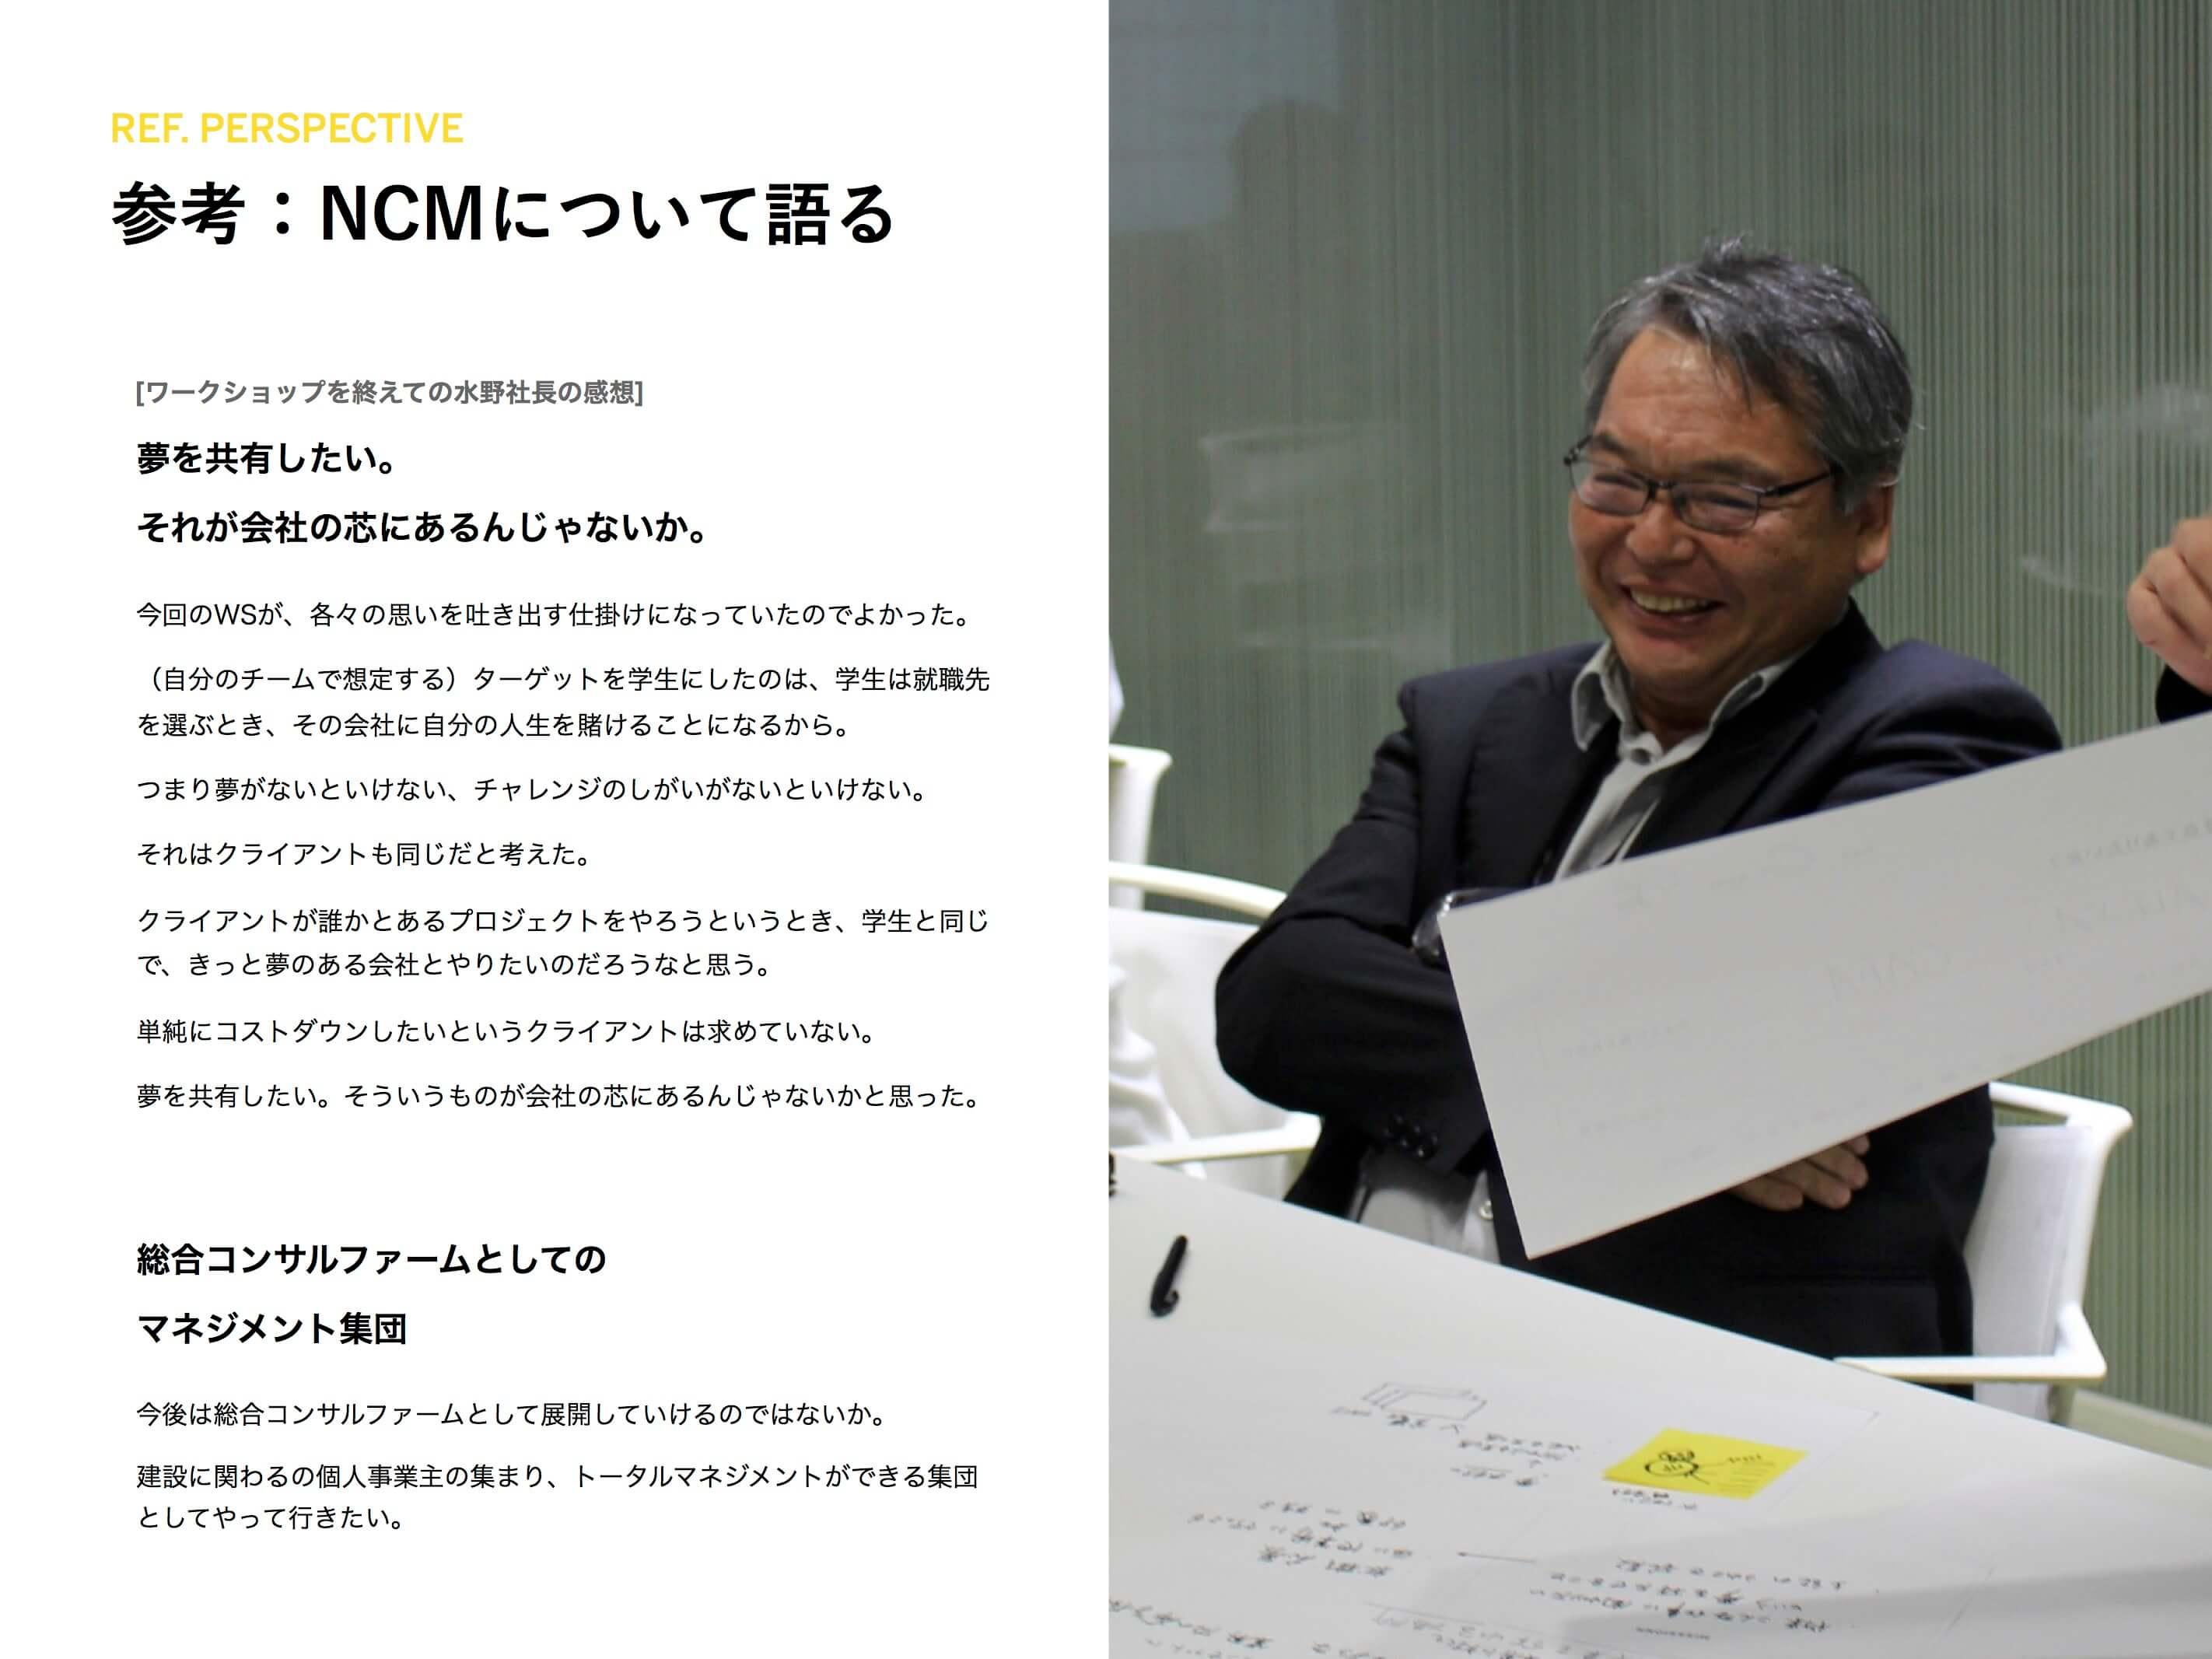 NCM・水野社長は、「夢を共有できる相手でありたい」という言葉でワークショップを総括。